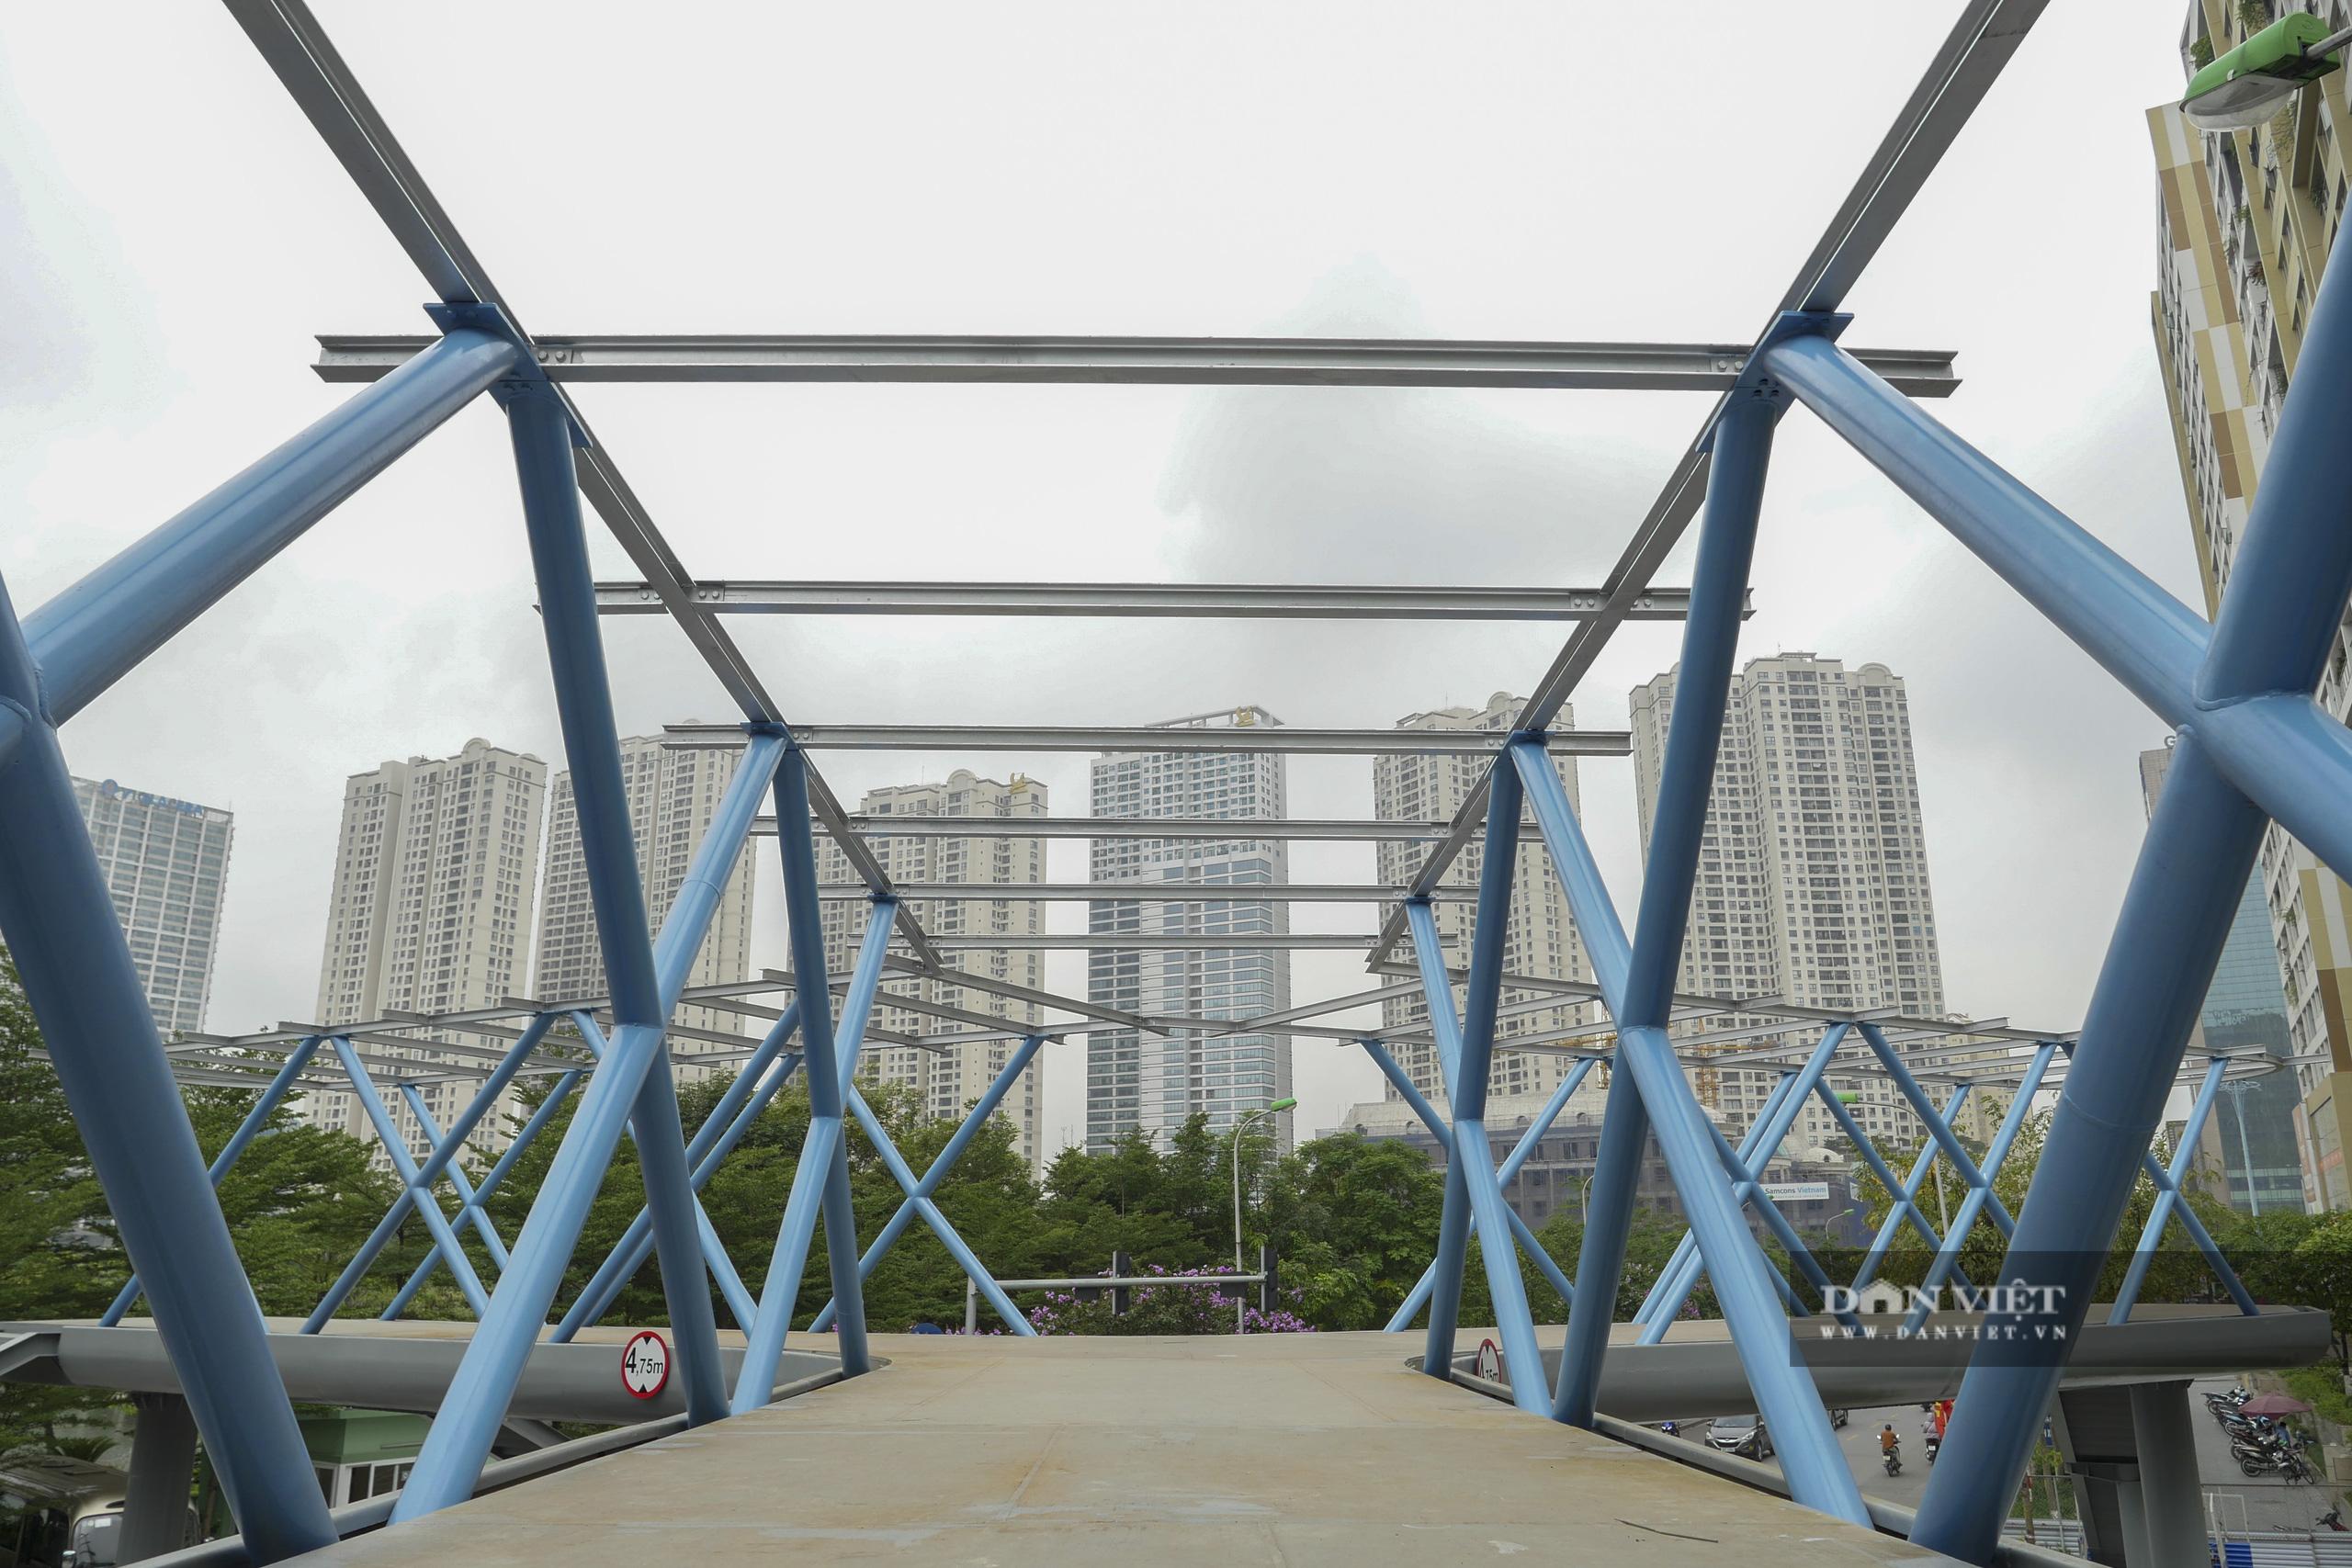 Ngắm cầu vượt bộ hành hình chữ Y đẹp nhất Hà Nội - Ảnh 10.